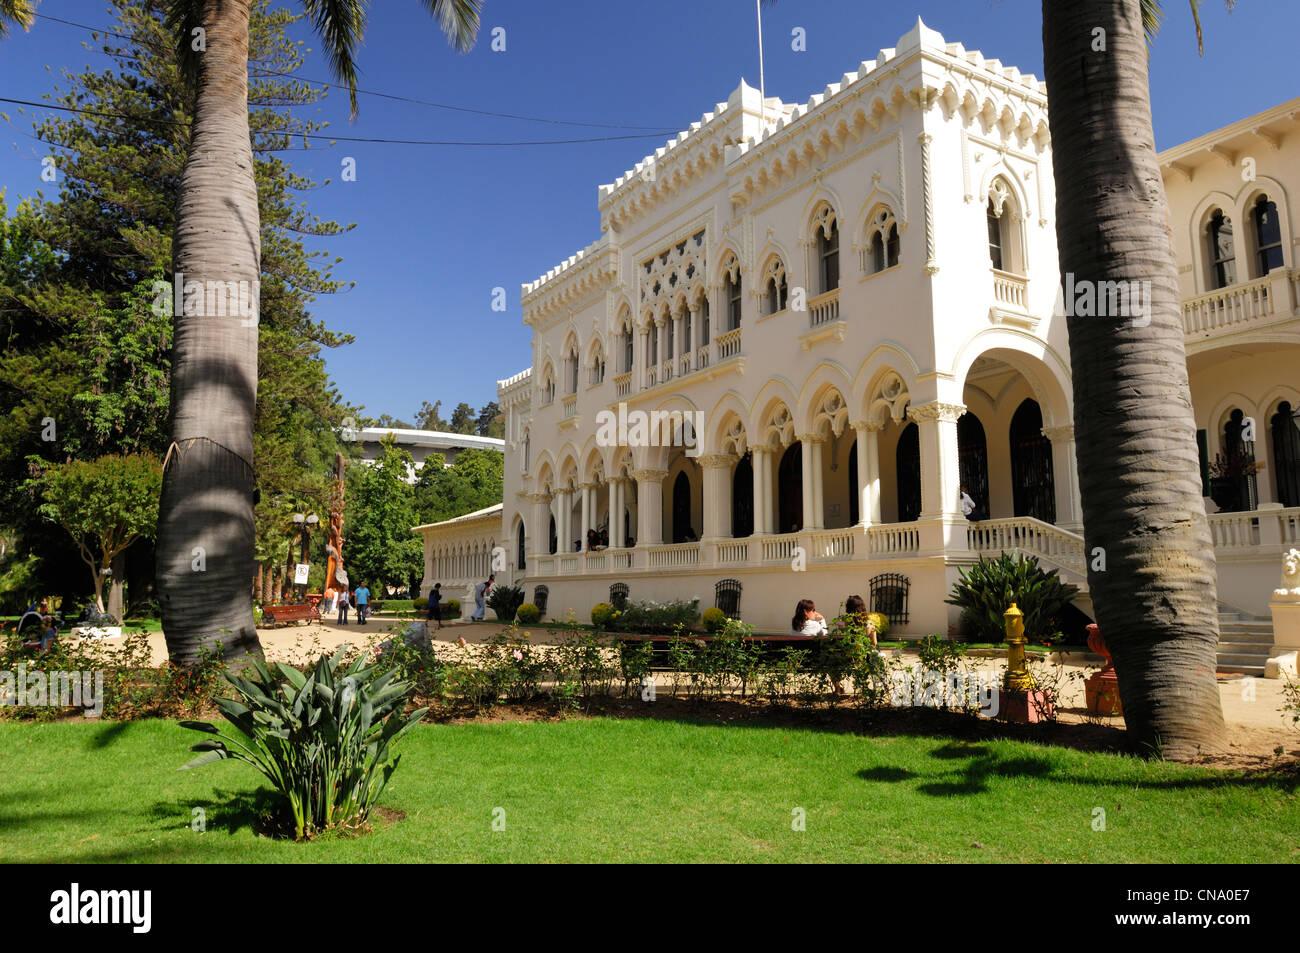 Chile, Región de Valparaíso, Viña del Mar, el Palacio Vergara en el Parque Quinta Vergara, en Viña del Mar Foto de stock